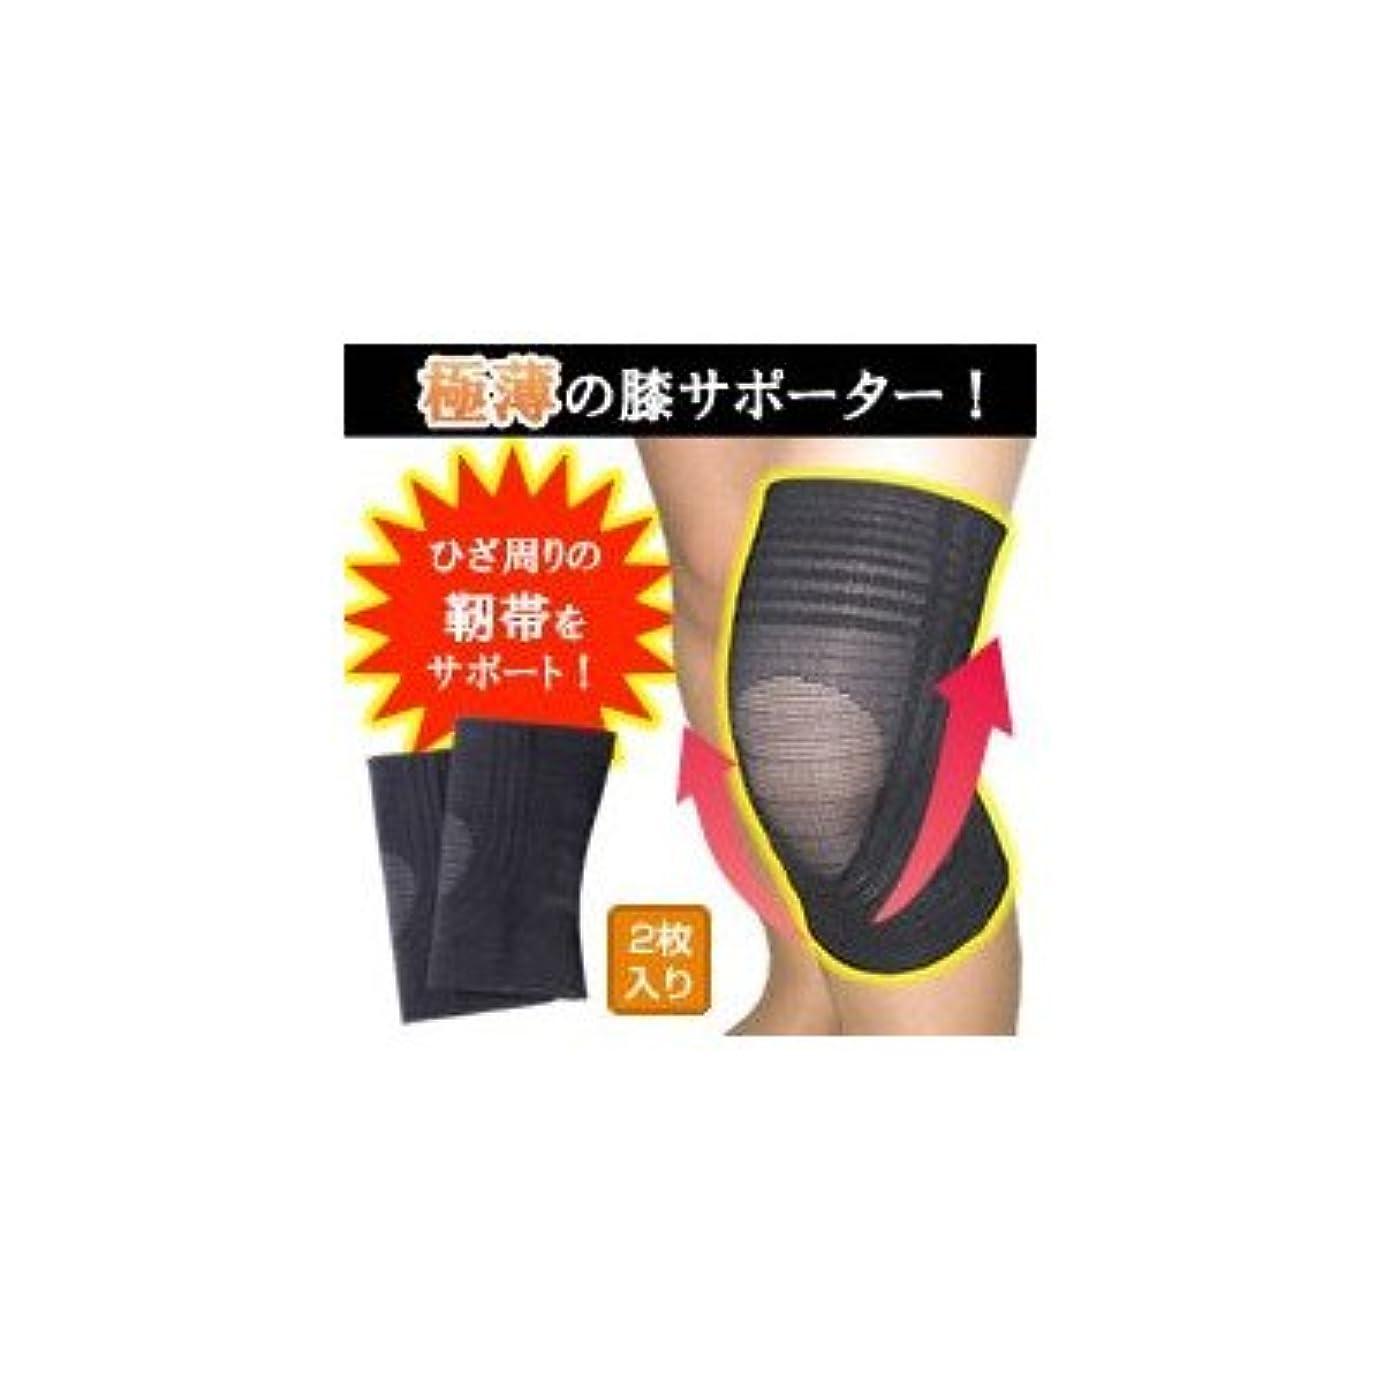 ファイルオークション聖人縁の下の膝靭帯サポーター L( 画像はイメージ画像です お届けの商品はLのみとなります)